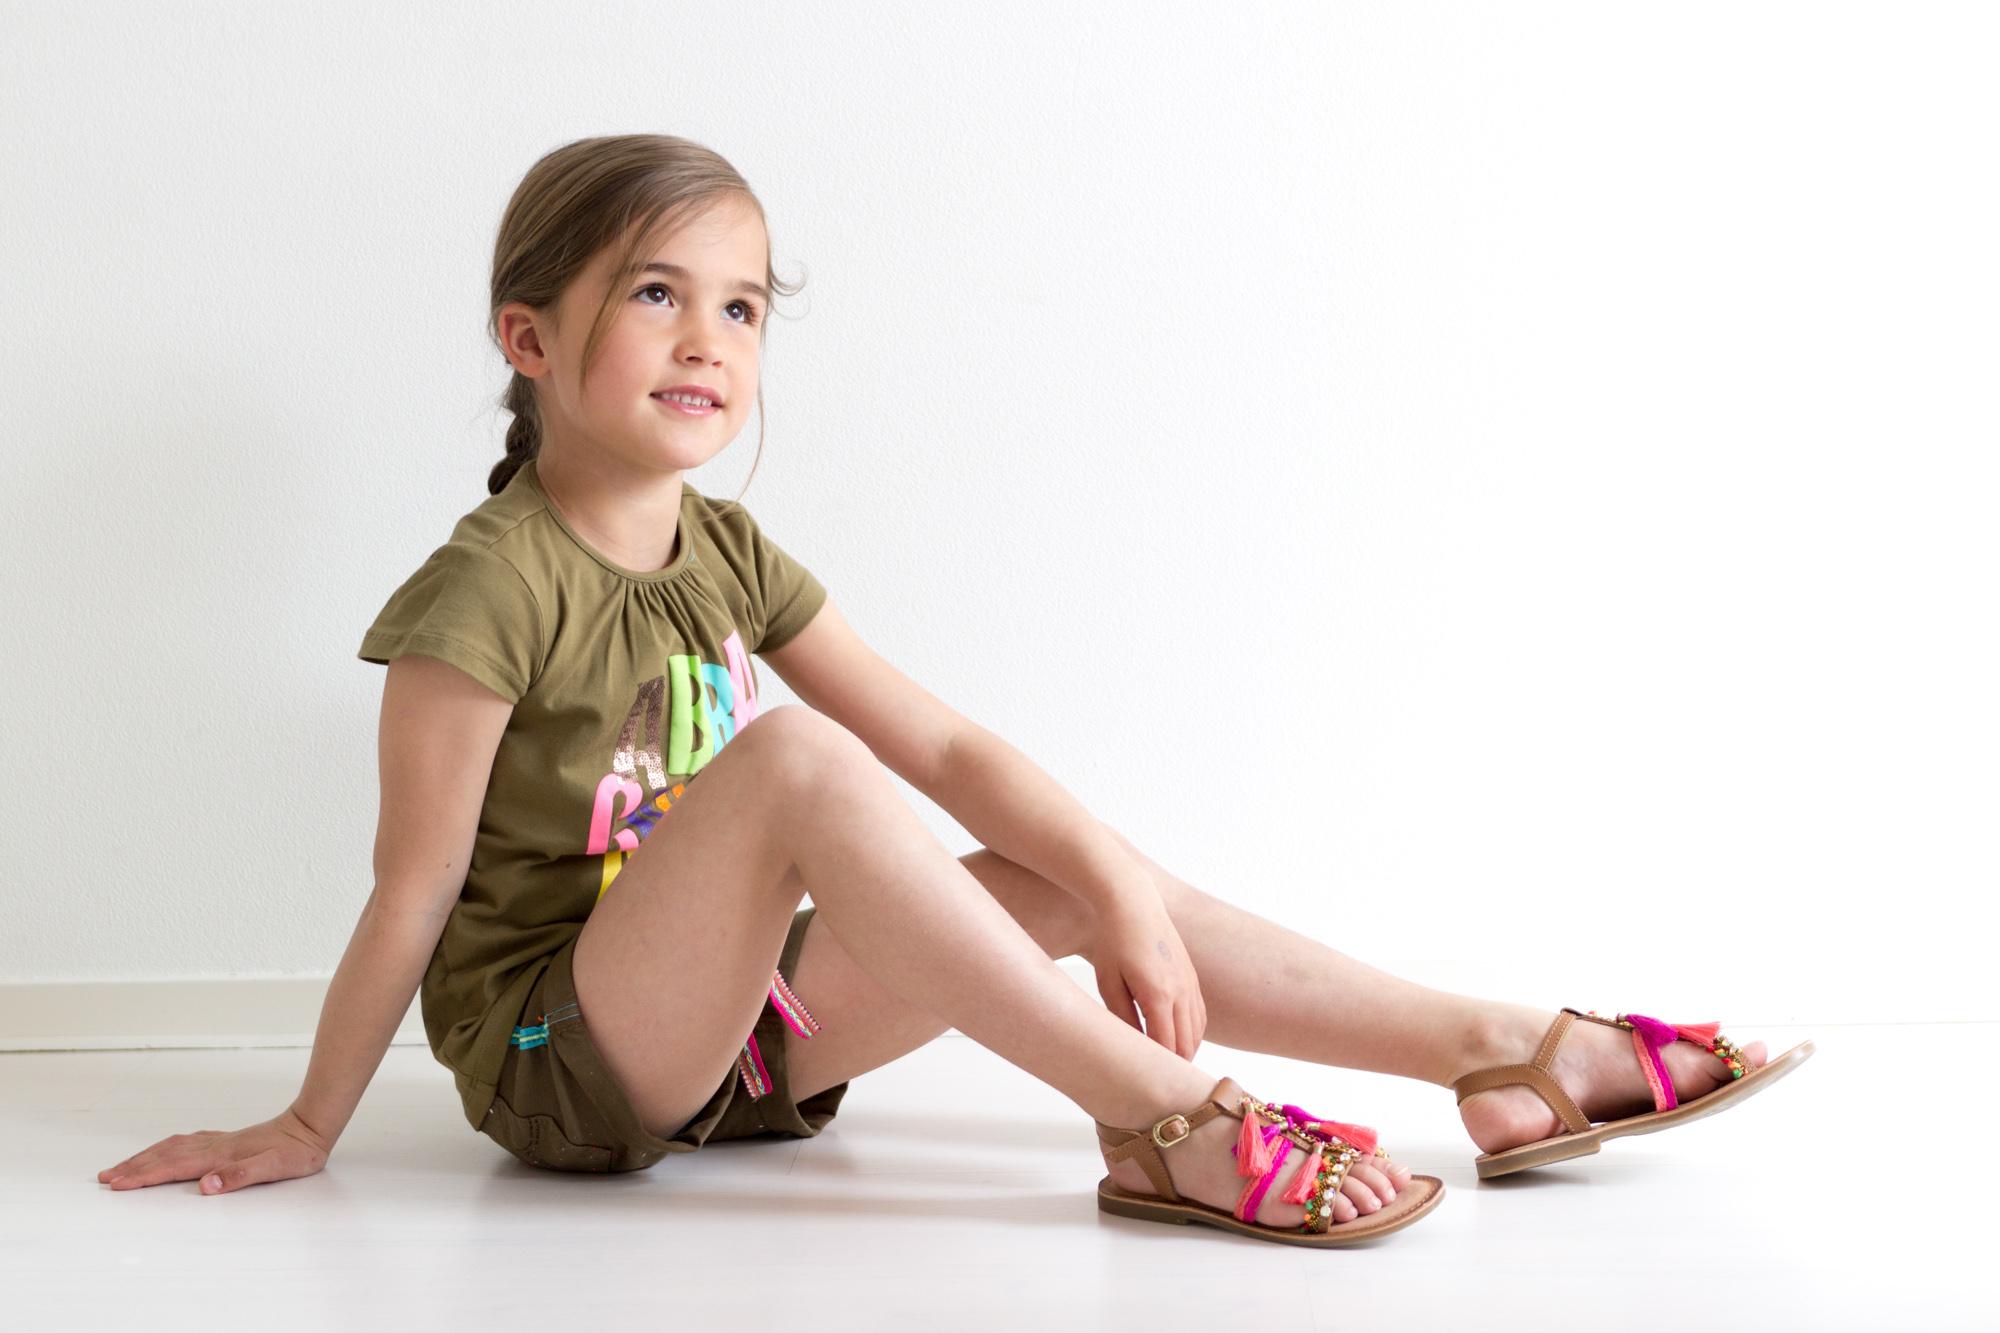 c1bb6eca15dbd7 Bloem mocht van Kidz-Art een nieuw kledingsetje uitkiezen. Vanwege het  aanhoudende slechte weer heeft ze gekozen voor een toffe set waarbij ze een  vestje ...